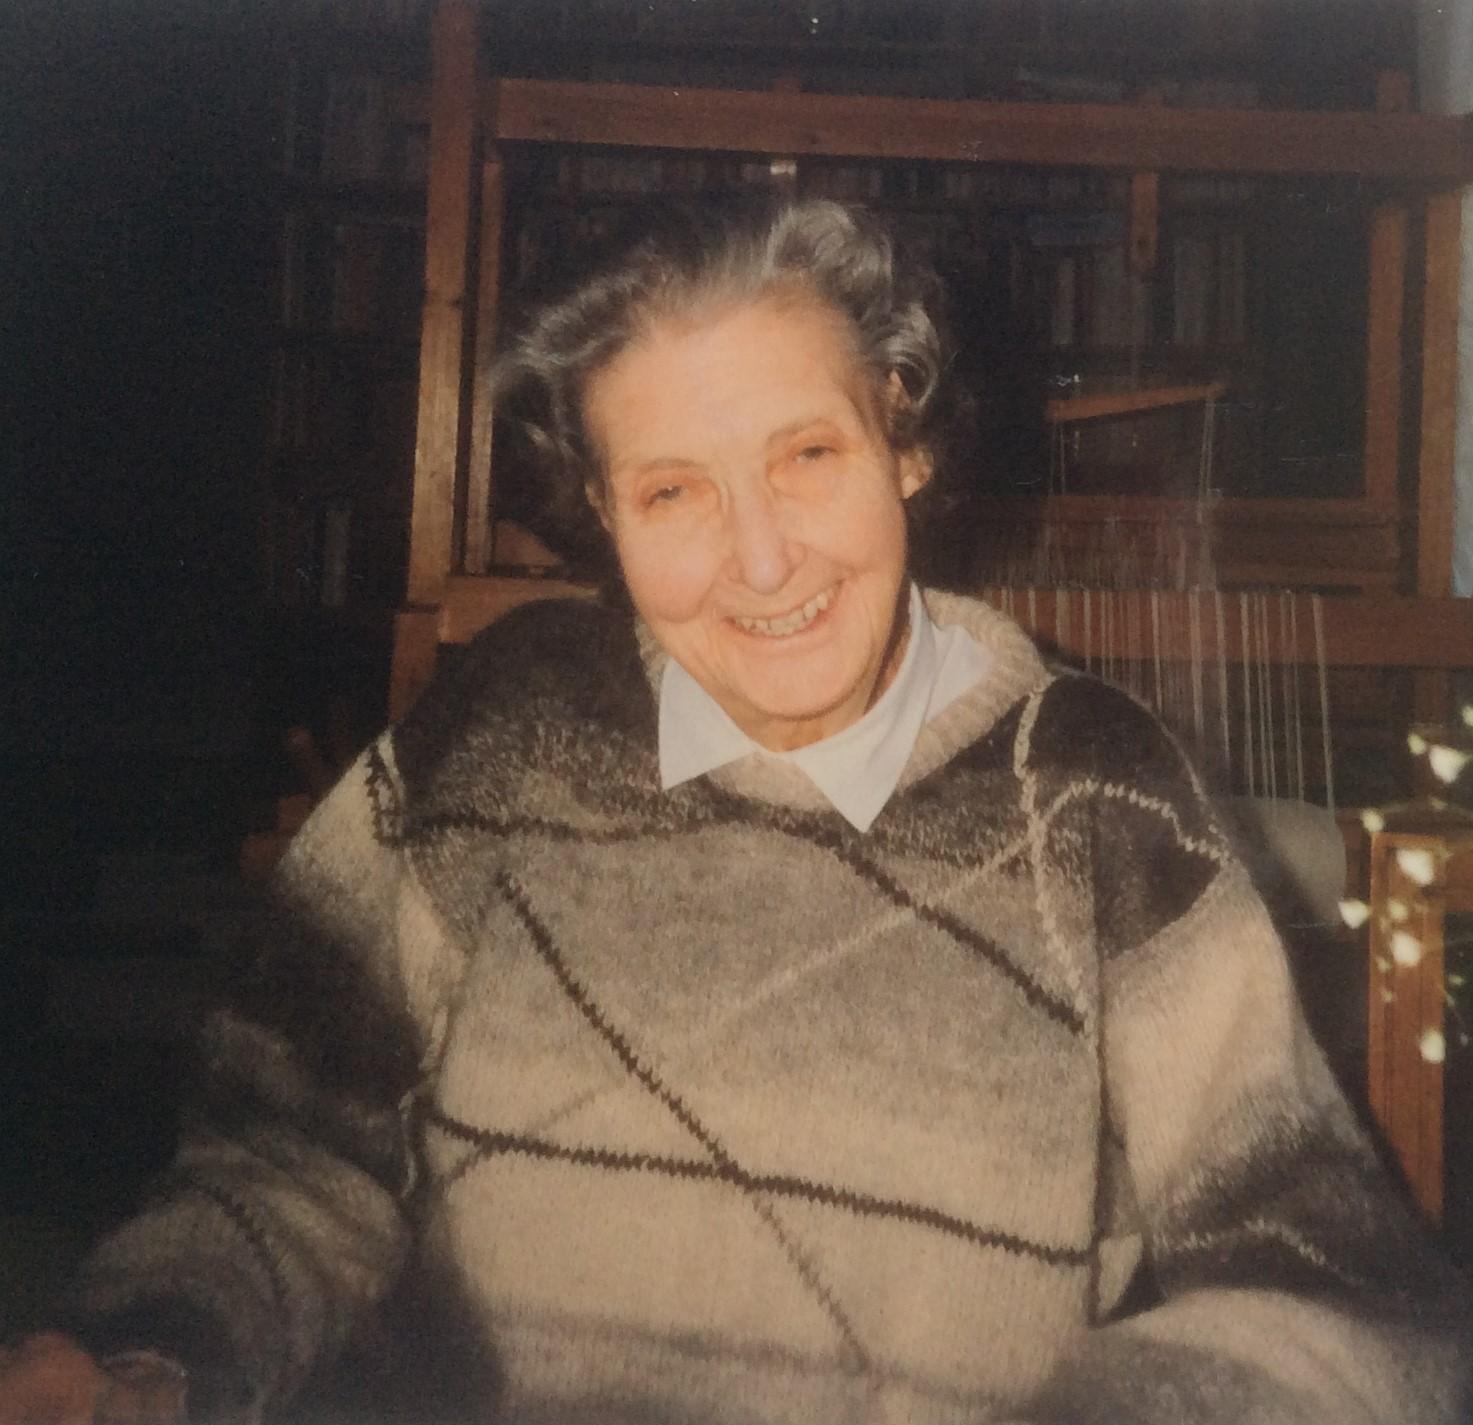 Karin Stolpe. Fotograf och år okänt (bild i privat ägo)